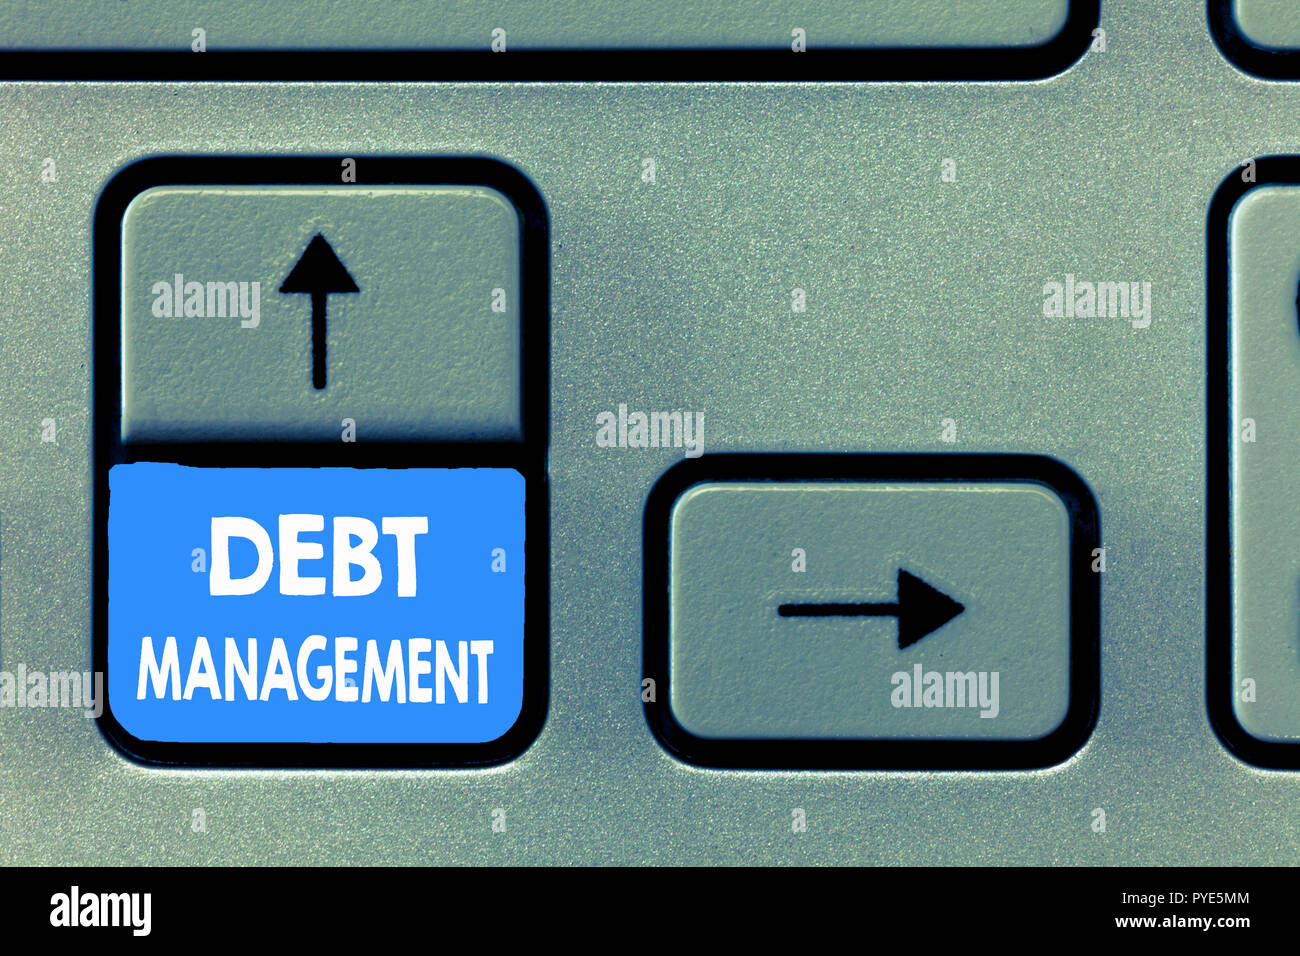 La scrittura della nota che mostra la gestione del debito. Business photo illustrando l'accordo formale tra il debitore e il creditore. Immagini Stock